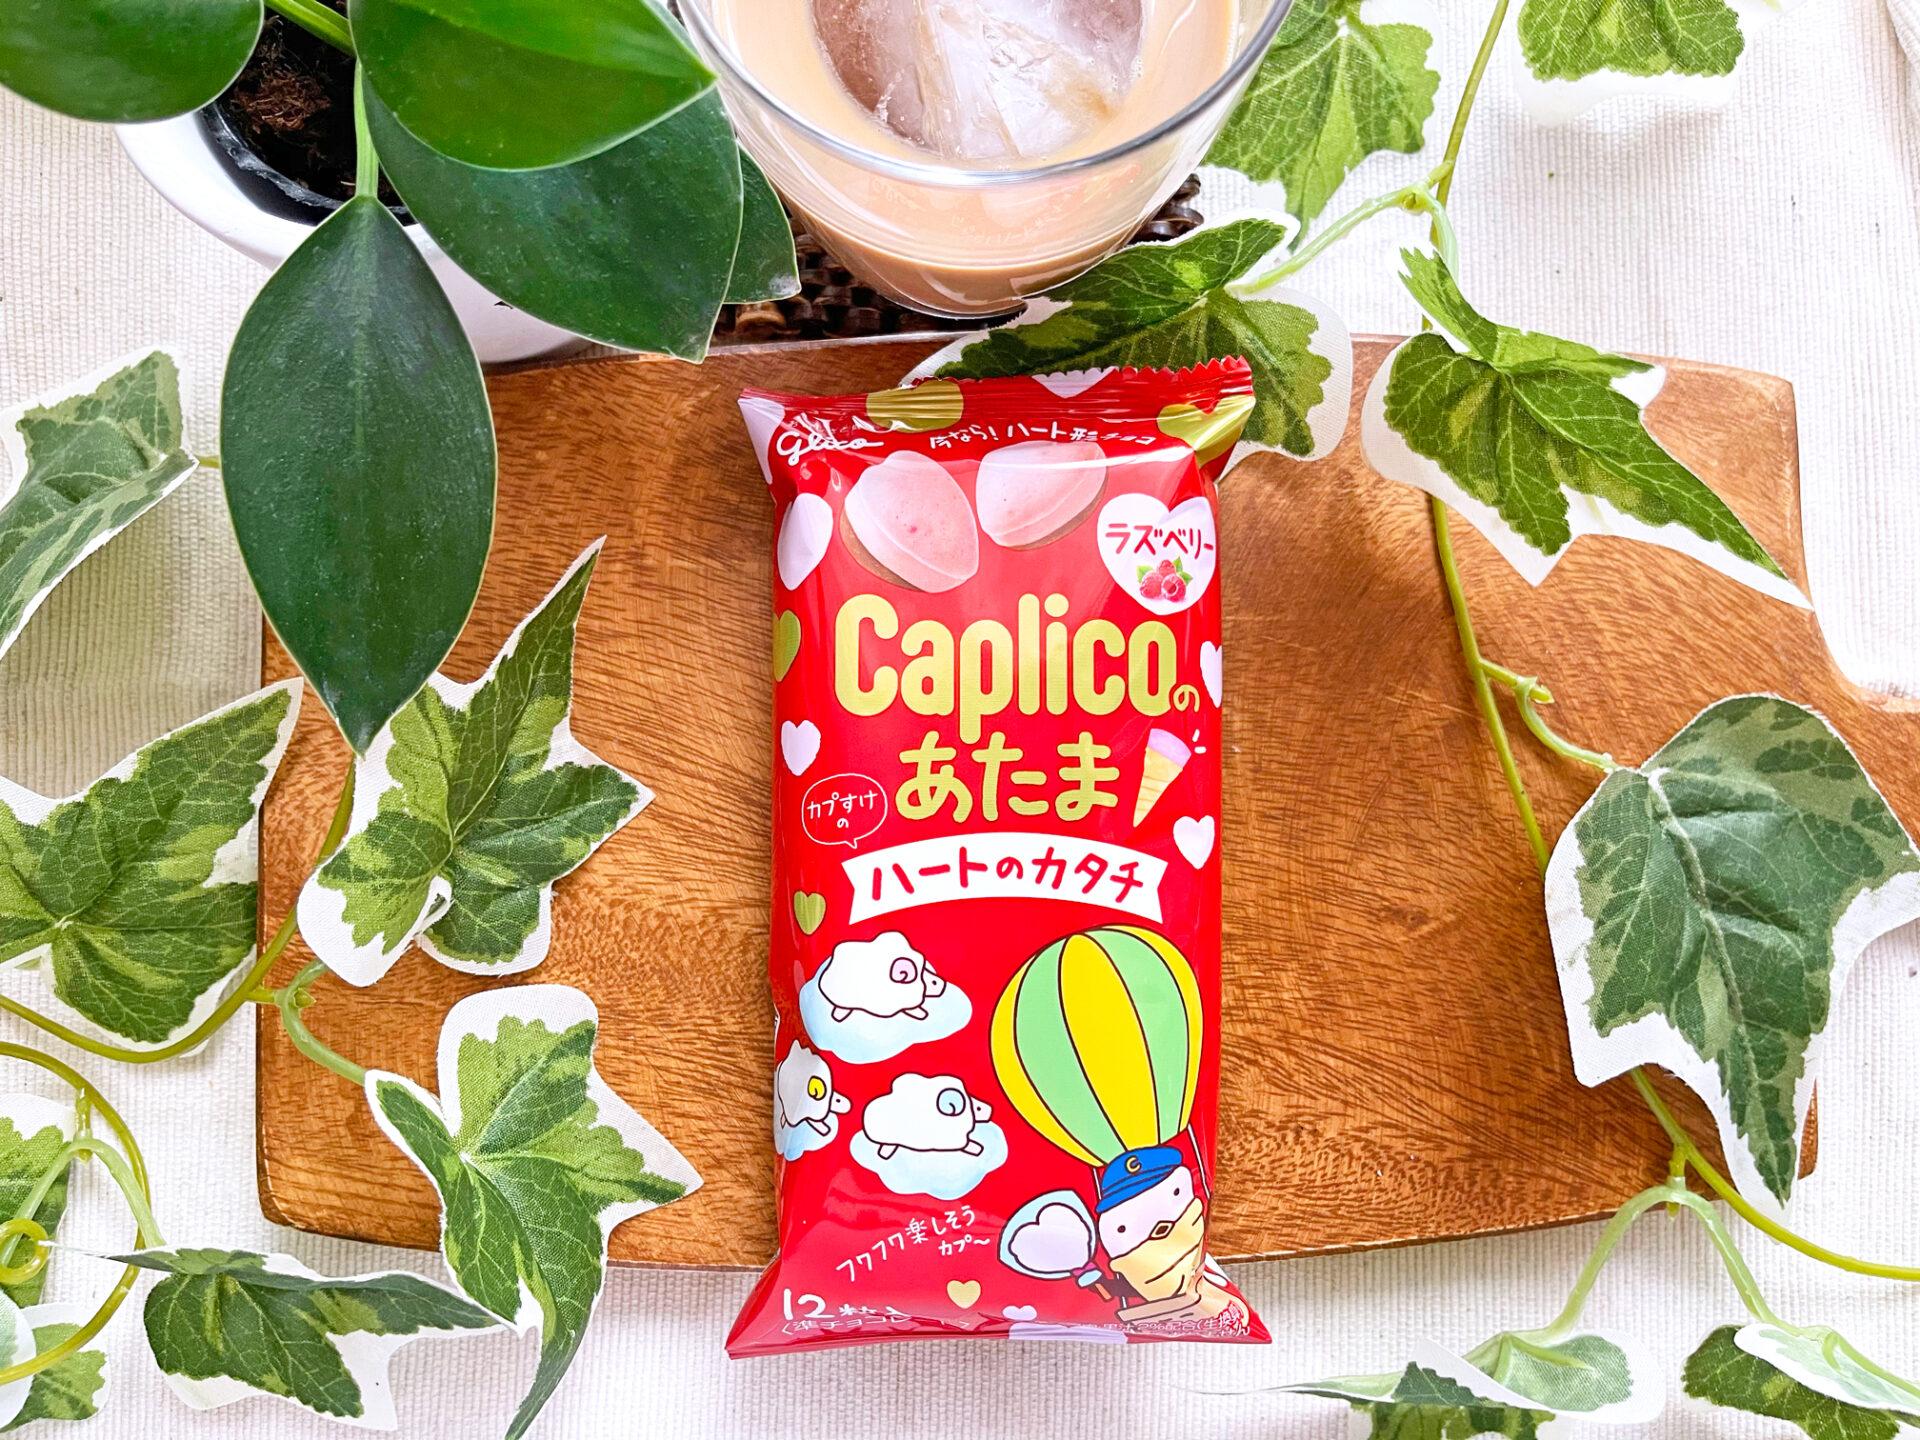 グリコ『カプリコのあたまハートのカタチ<ラズベリー>』